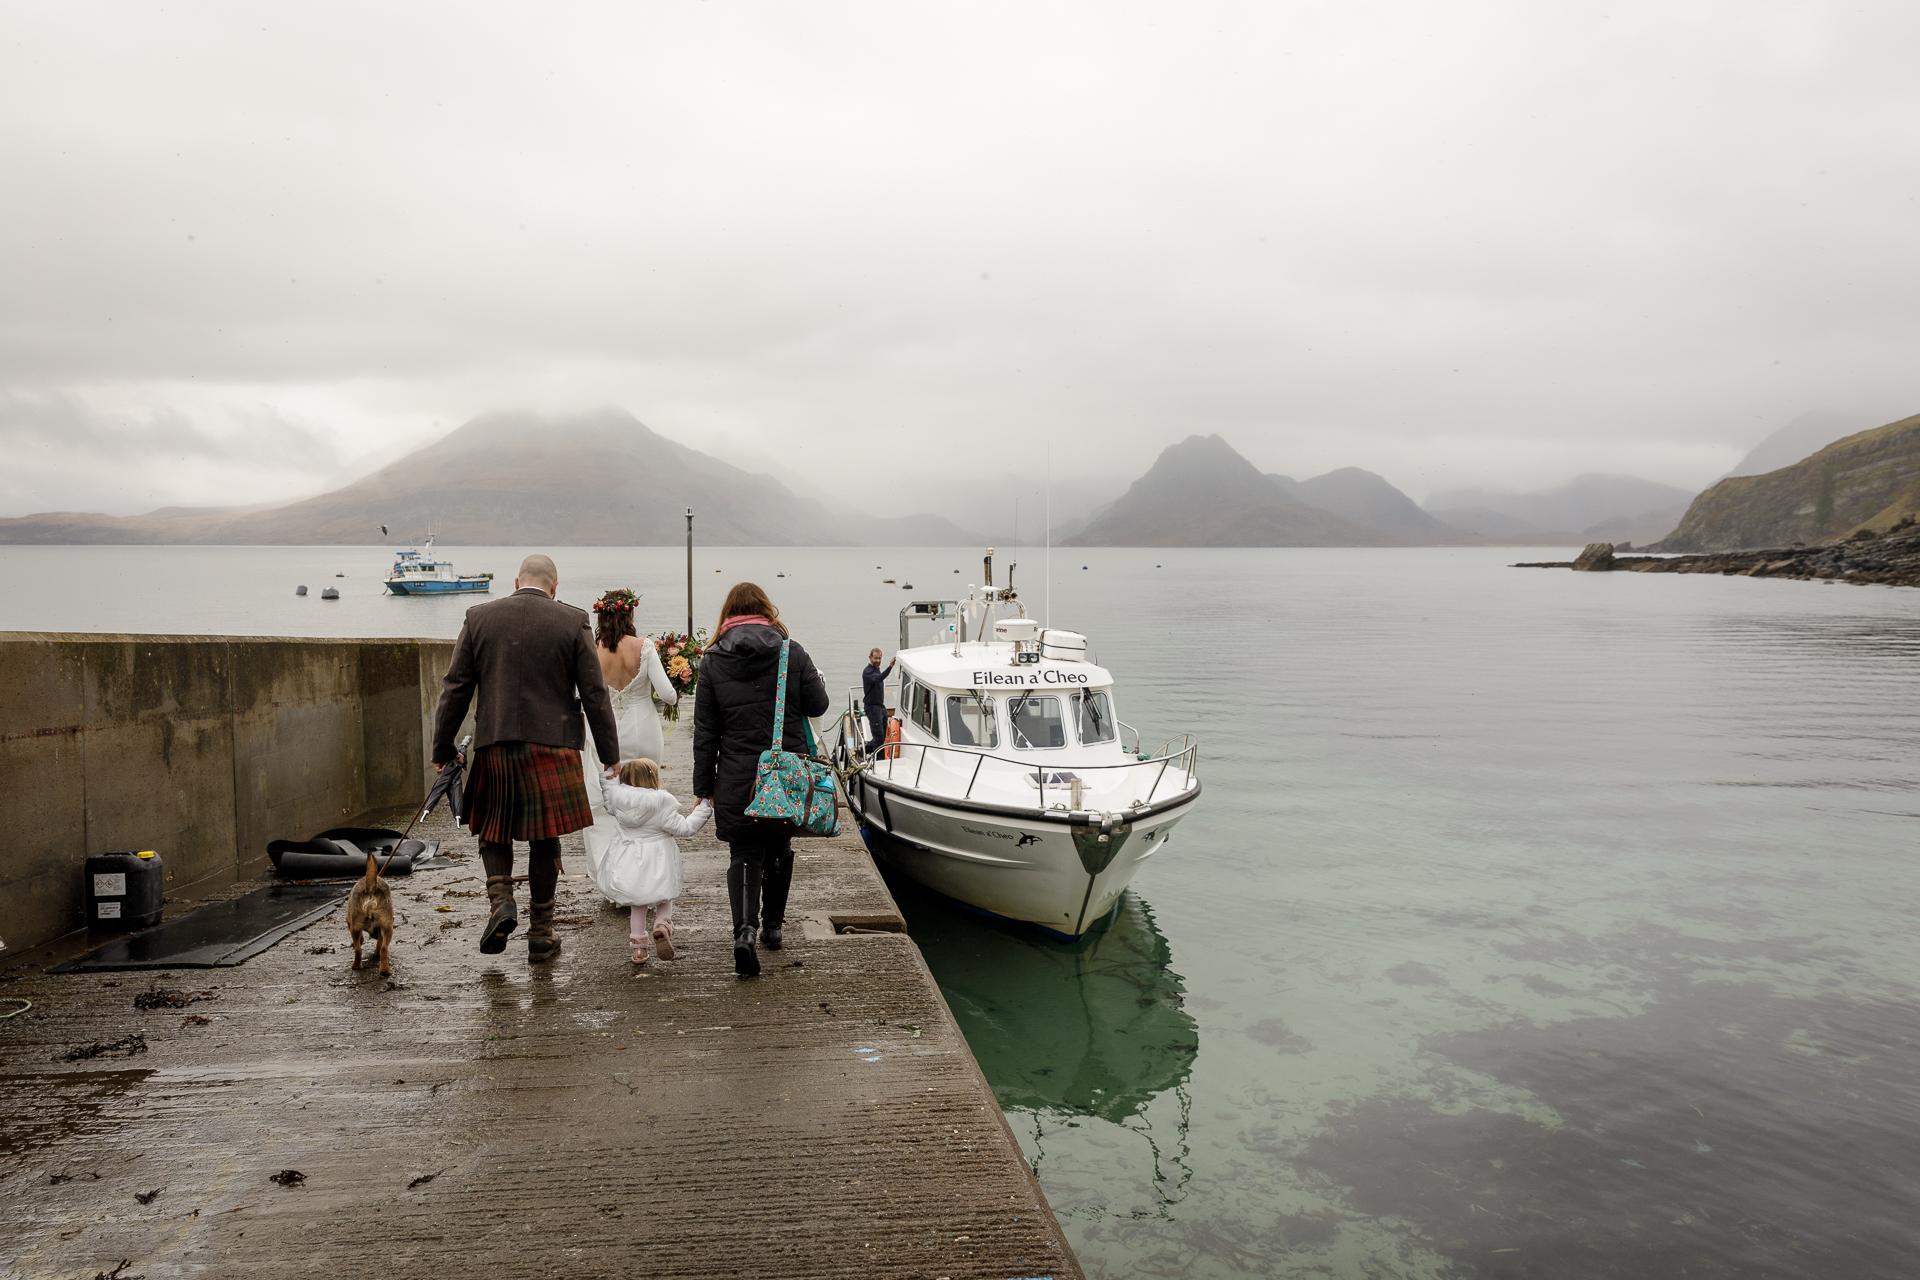 Schotland, VK Elopementfotografie | De locatie voor de ceremonie is een magisch meer in het hart van het Cuillin-gebergte en de enige manier om er te komen is per boot - tenzij je minstens vijf mijl per enkele reis wilt lopen.